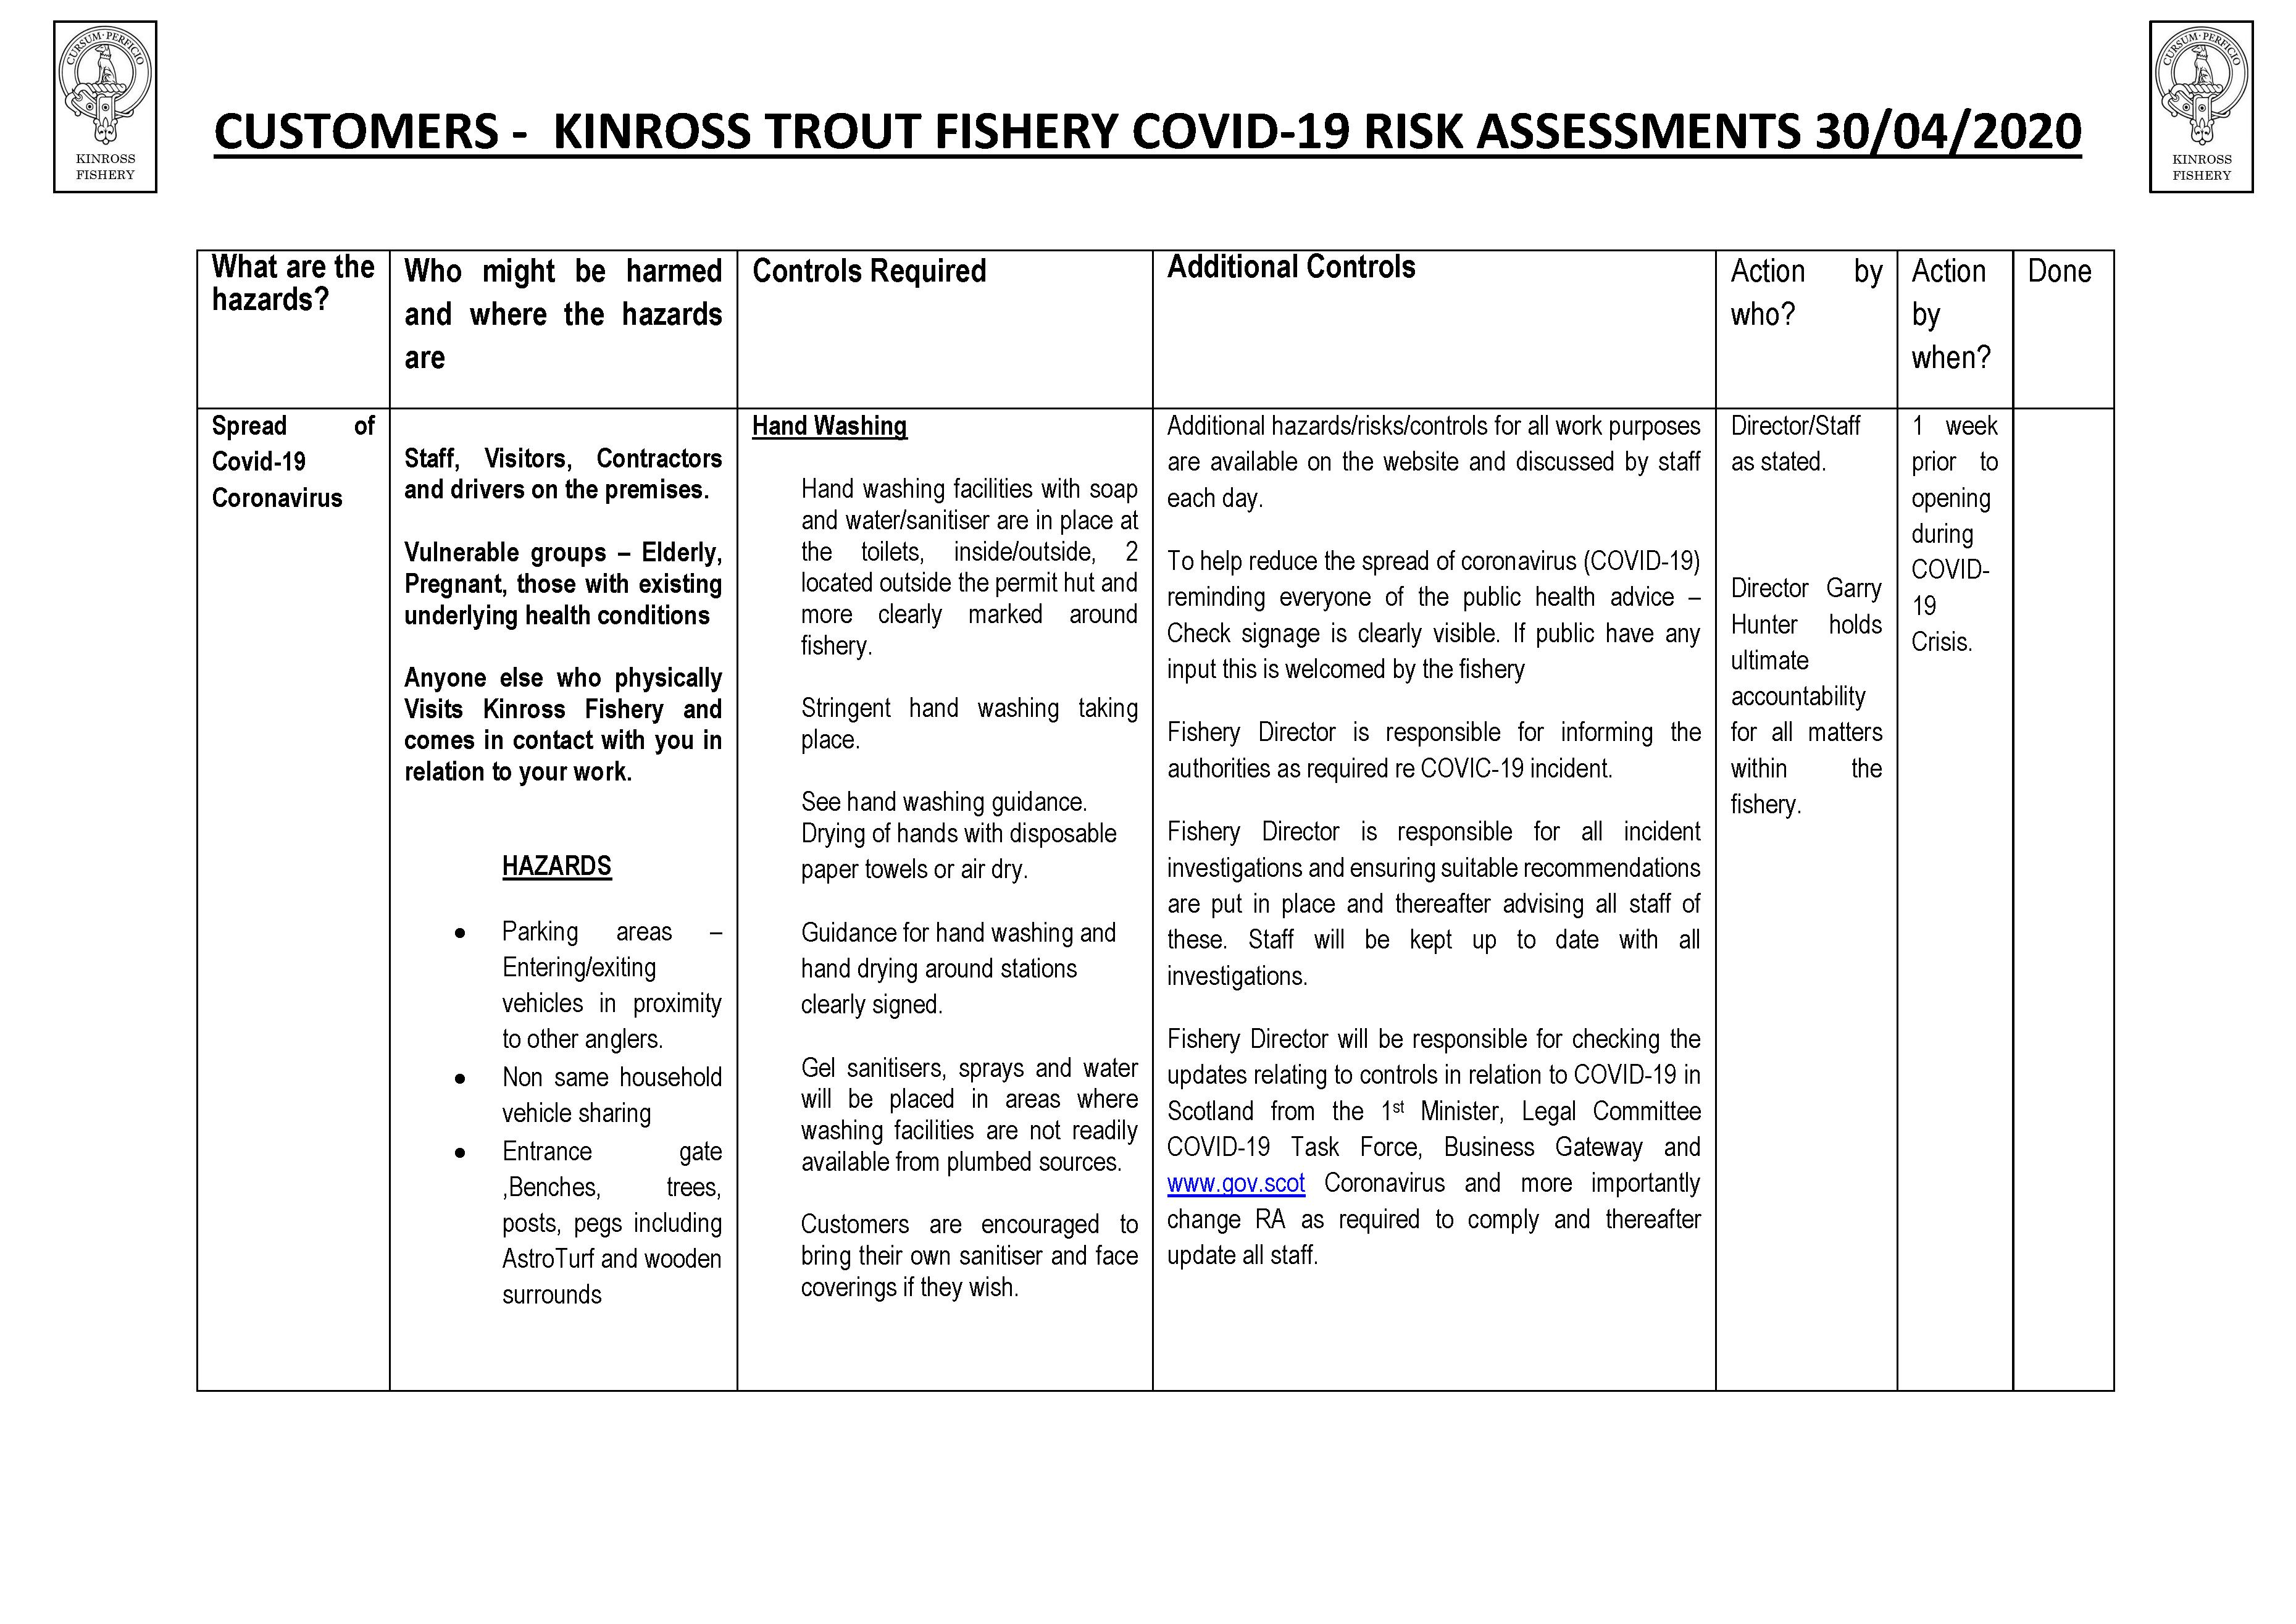 customer risk assessment Kinross trout fishery